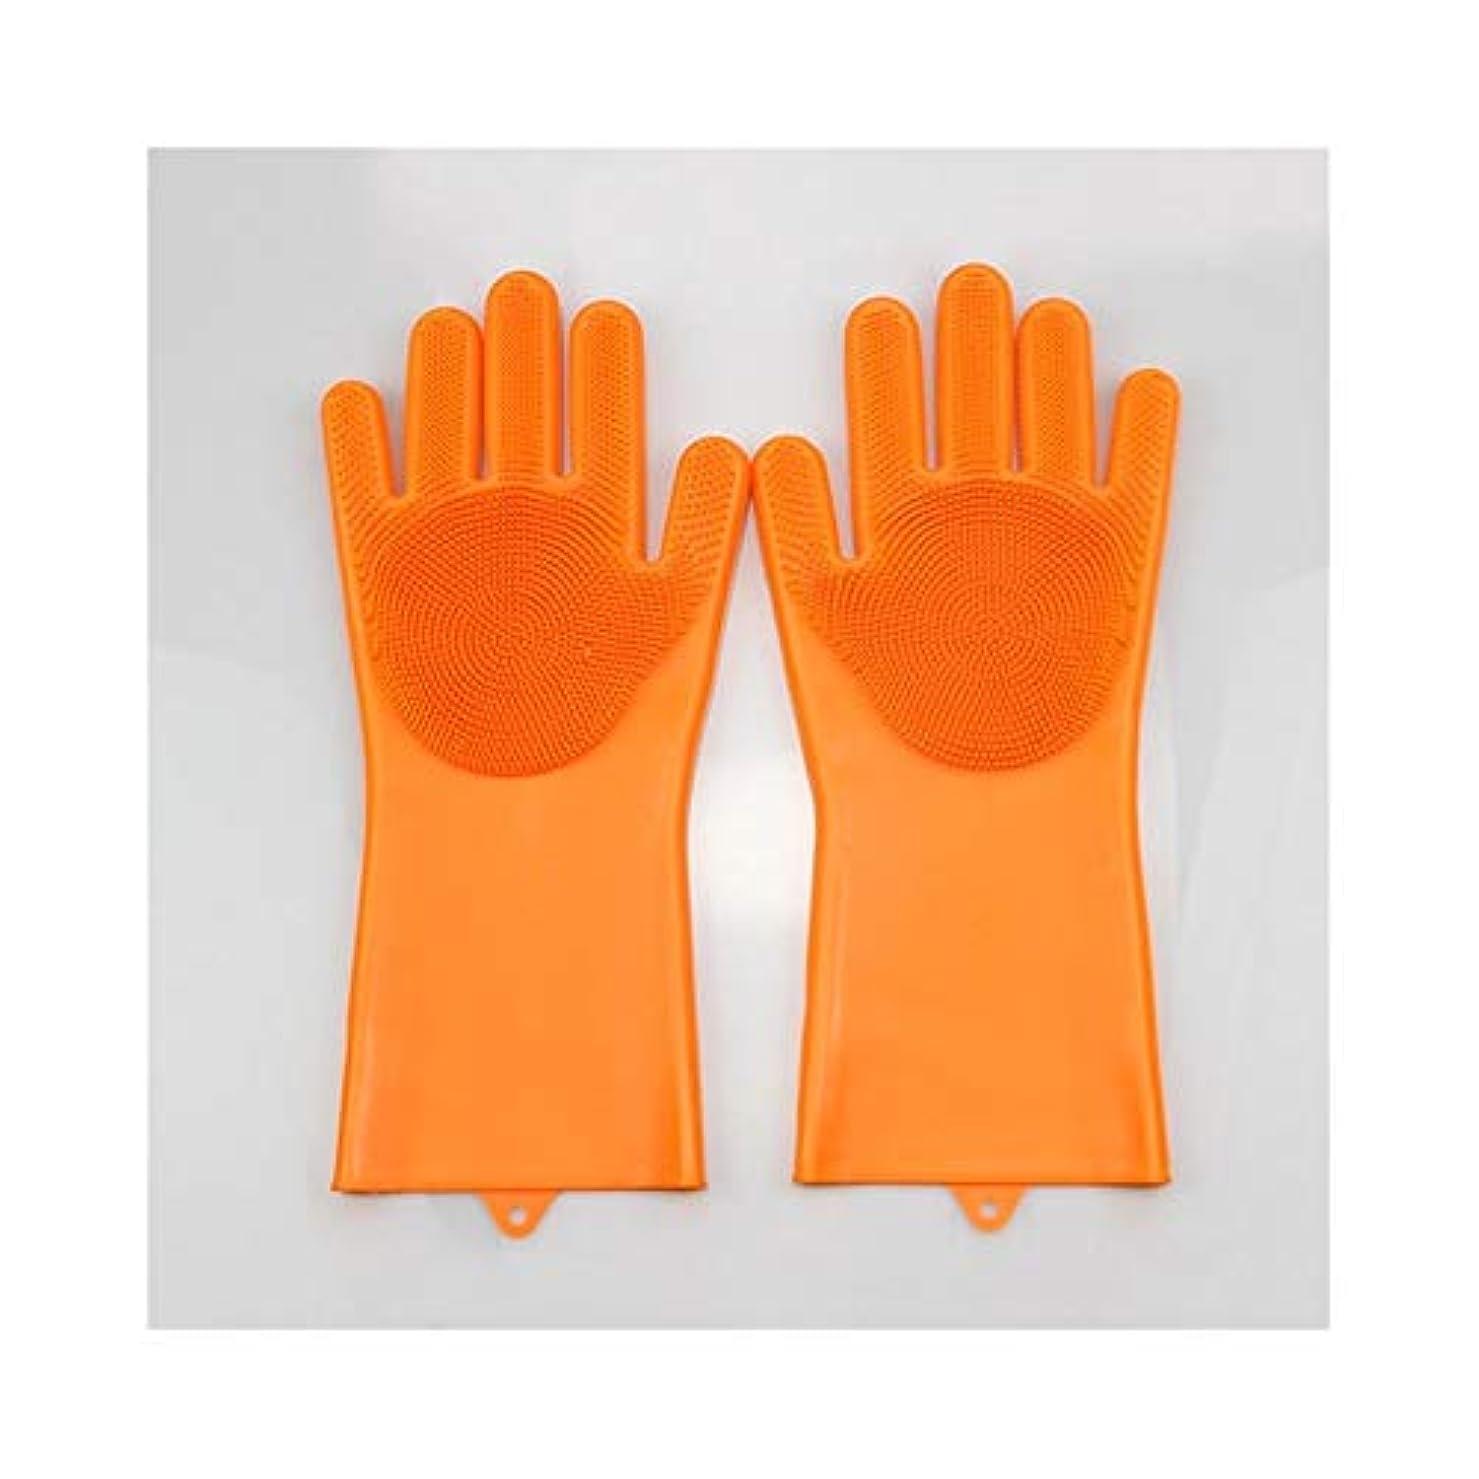 約組み合わせ小説家BTXXYJP キッチン用手袋 手袋 掃除用 ロング 耐摩耗 食器洗い 作業 掃除 炊事 食器洗い 園芸 洗車 防水 手袋 (Color : Orange, Size : L)